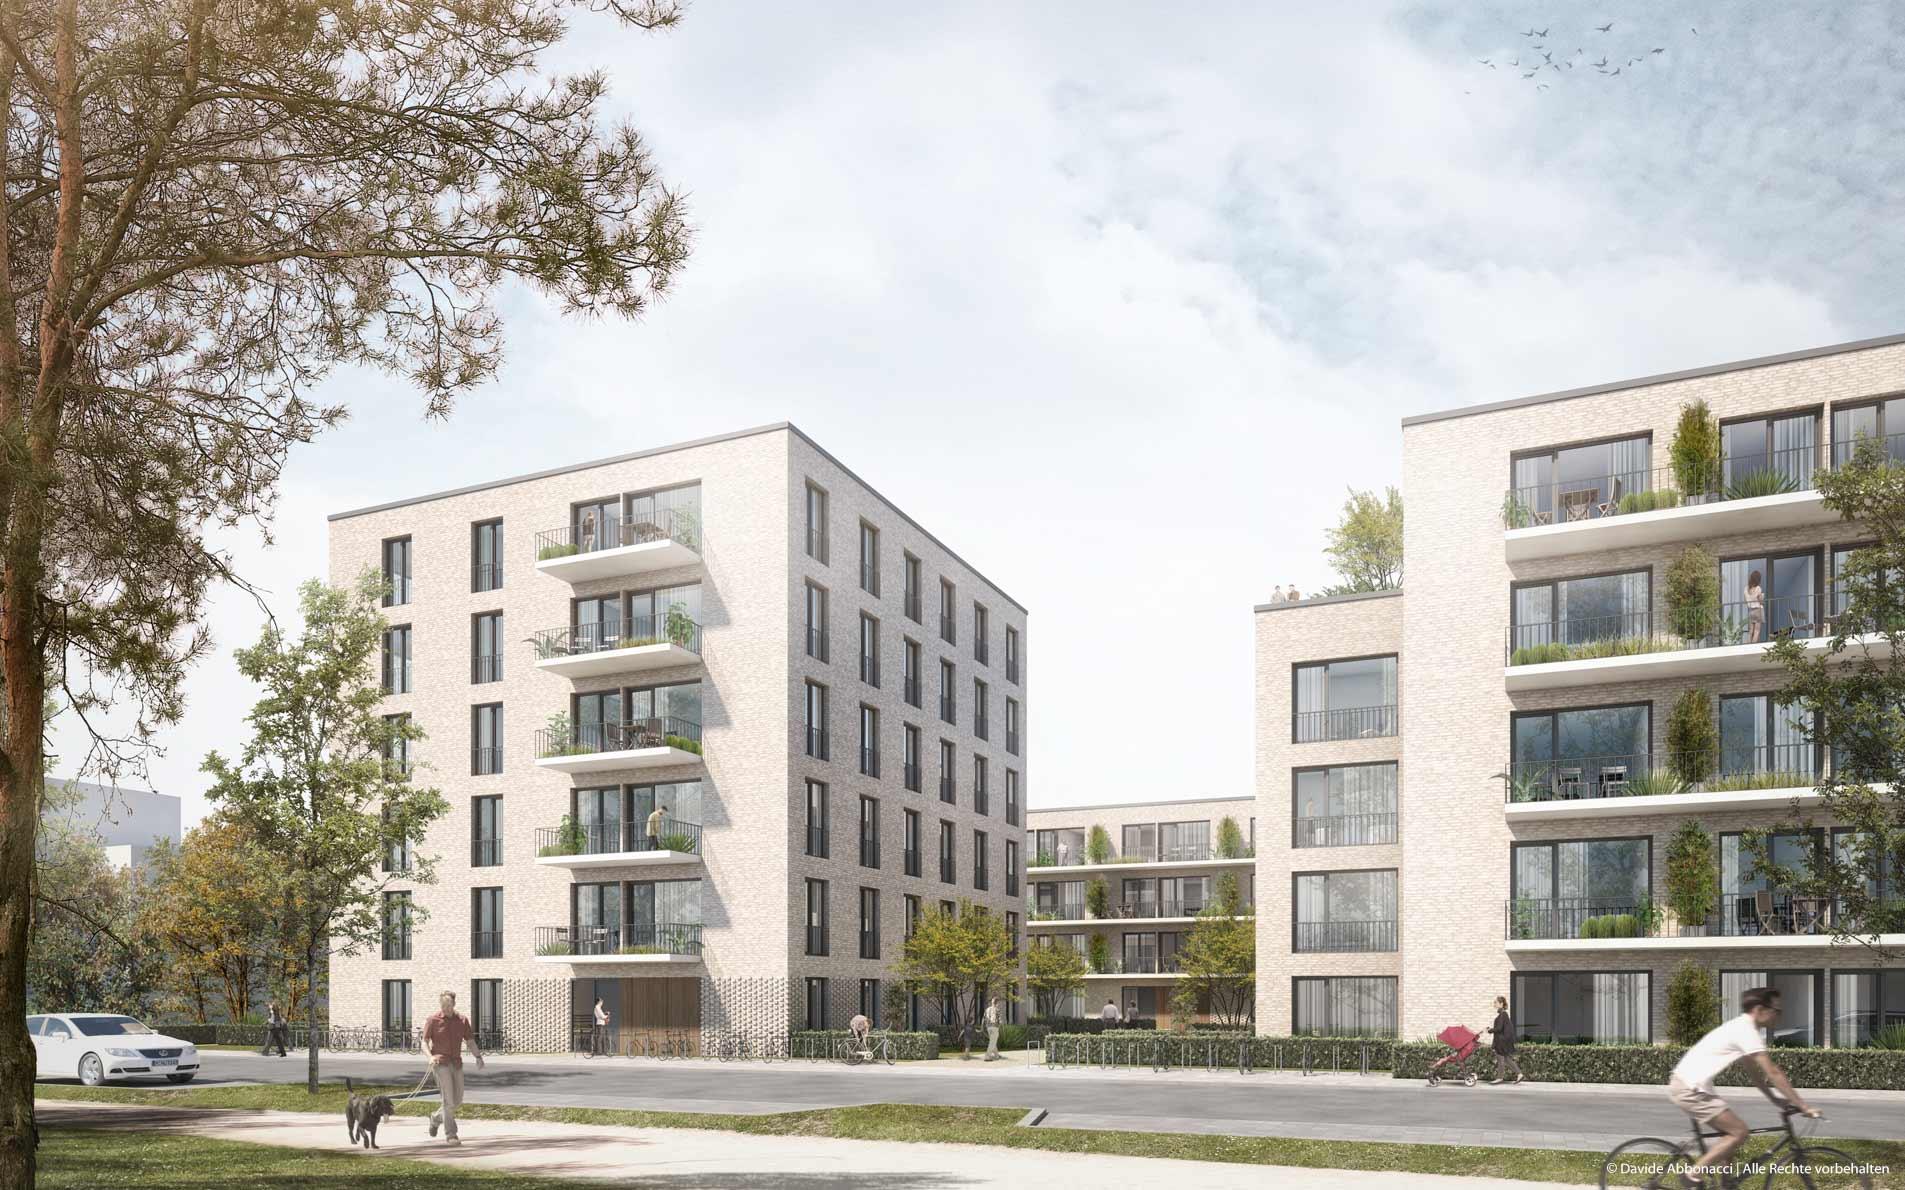 Fischerhüttenstraße, Berlin-Zehlendorf | brh Architekten + Ingenieure | 2016 Wettbewerbsvisualisierung | 2. Preis